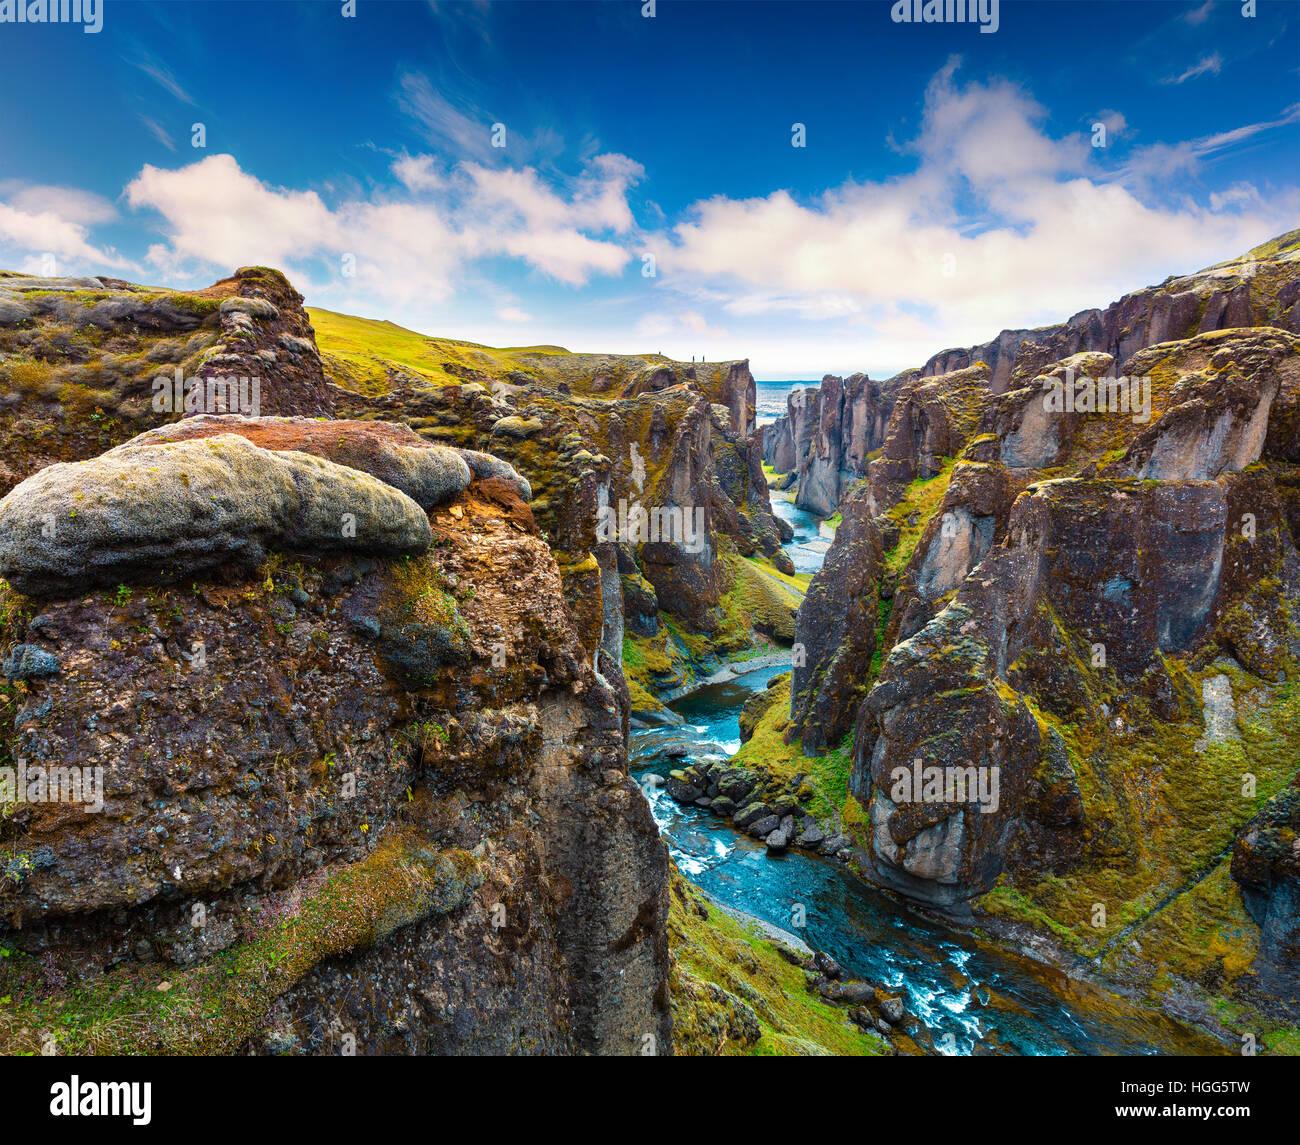 Majestätische Aussicht auf Fjadrargljufur Canyon und Fluss. Süd-Ost-Island, Europa. Künstlerischen Stockbild